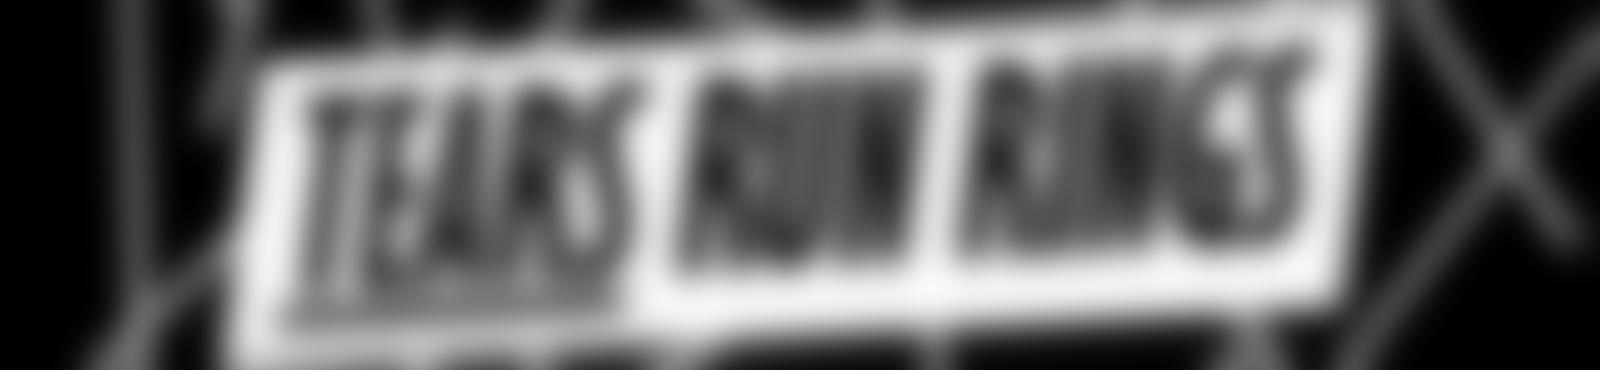 Blurred ea4b59a4 8185 47f5 a291 f7a37f85464e